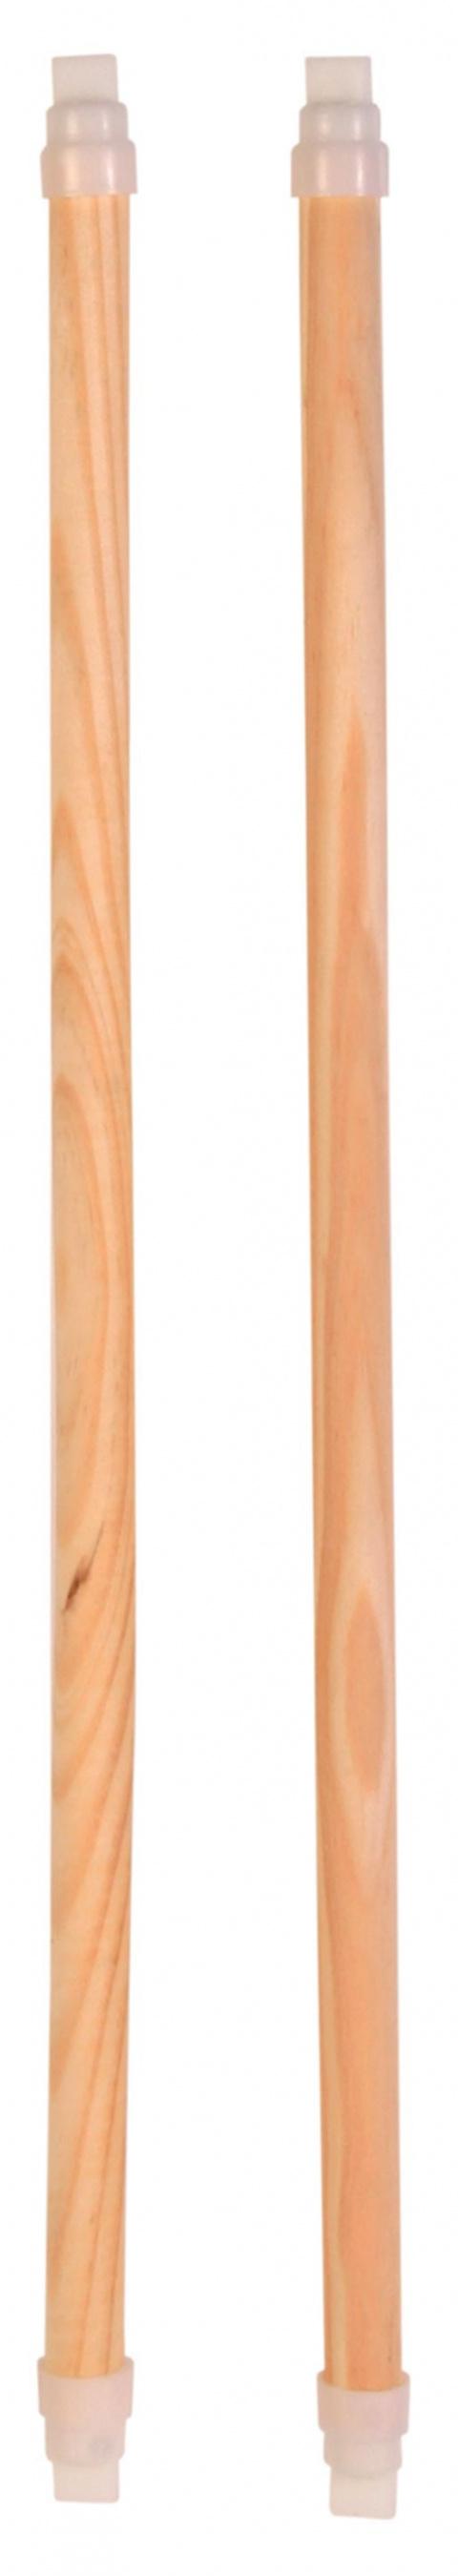 Aksesuārs putnu būrim - Trixie, laktiņas, 4 gb. 35 cm